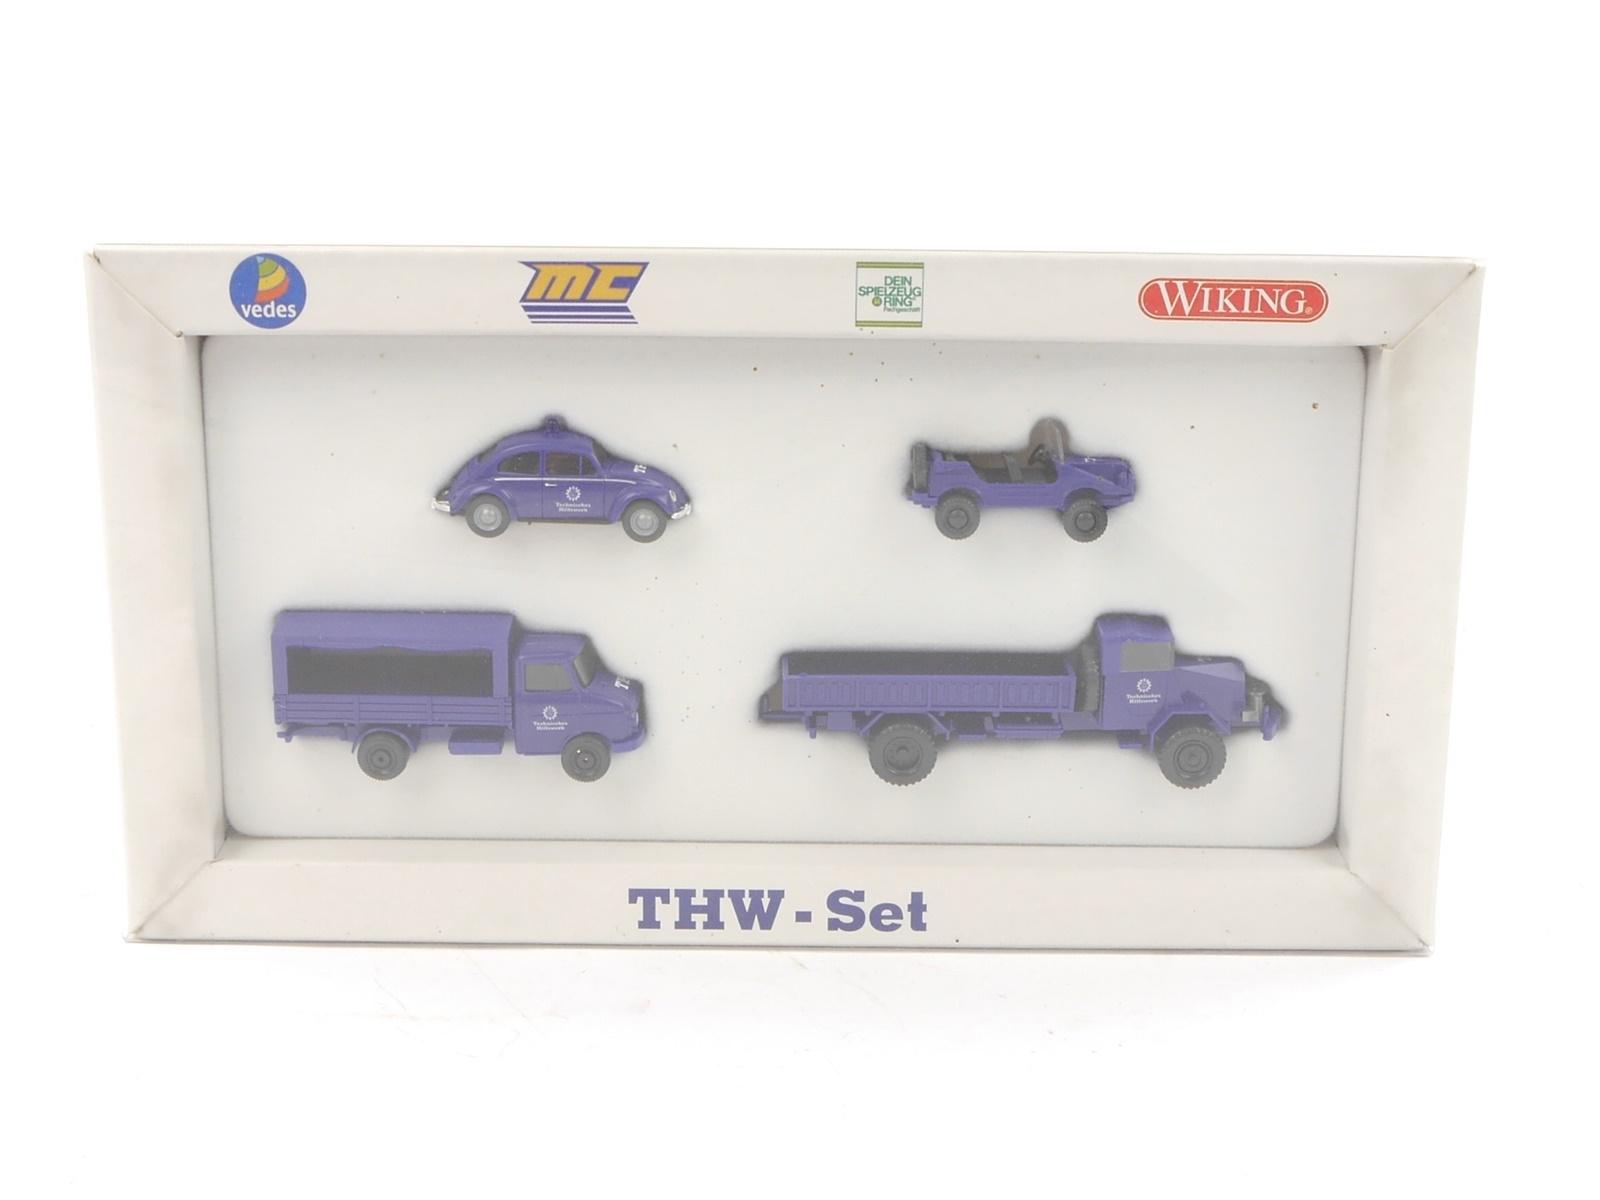 """E188 Wiking H0 990 32 Modellauto-Set 4-tlg. """"THW Set"""" 1:87 *TOP*"""